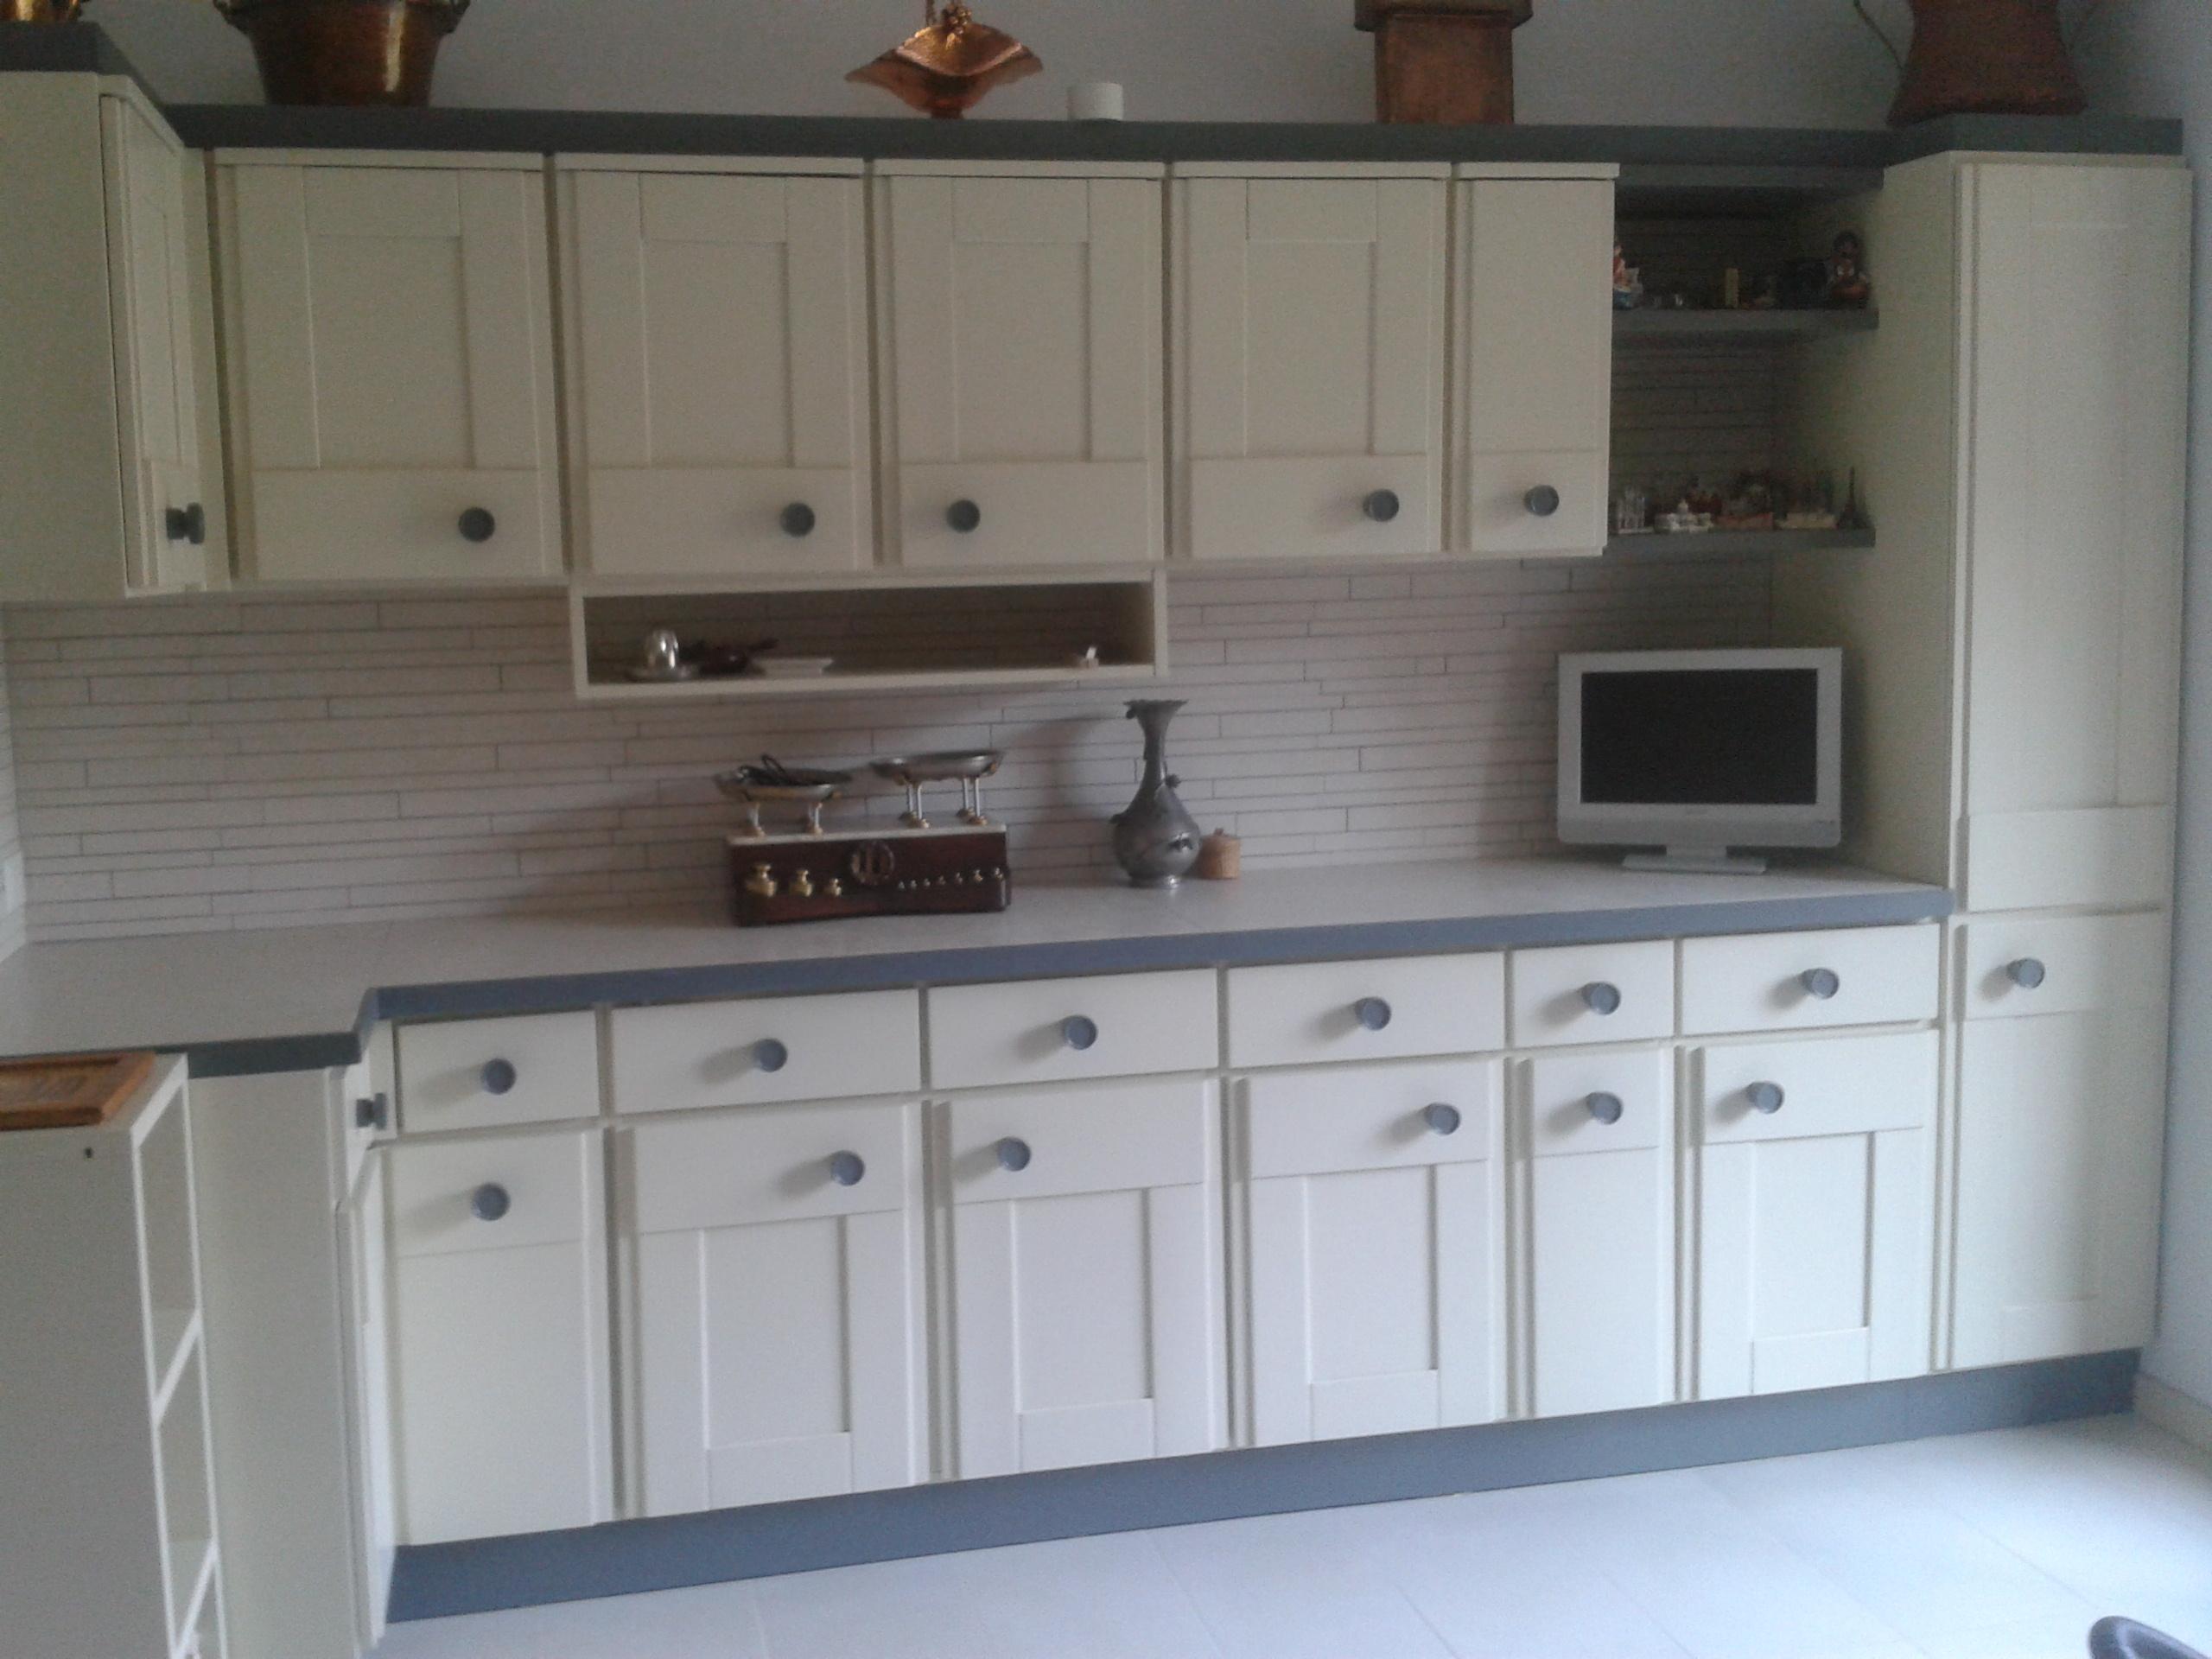 Angolo Cucina Riprogettato Mantenendo I Vecchi Mobili Con Una Nuova  #50627B 2560 1920 Piano Di Lavoro Cucina Ikea Su Misura